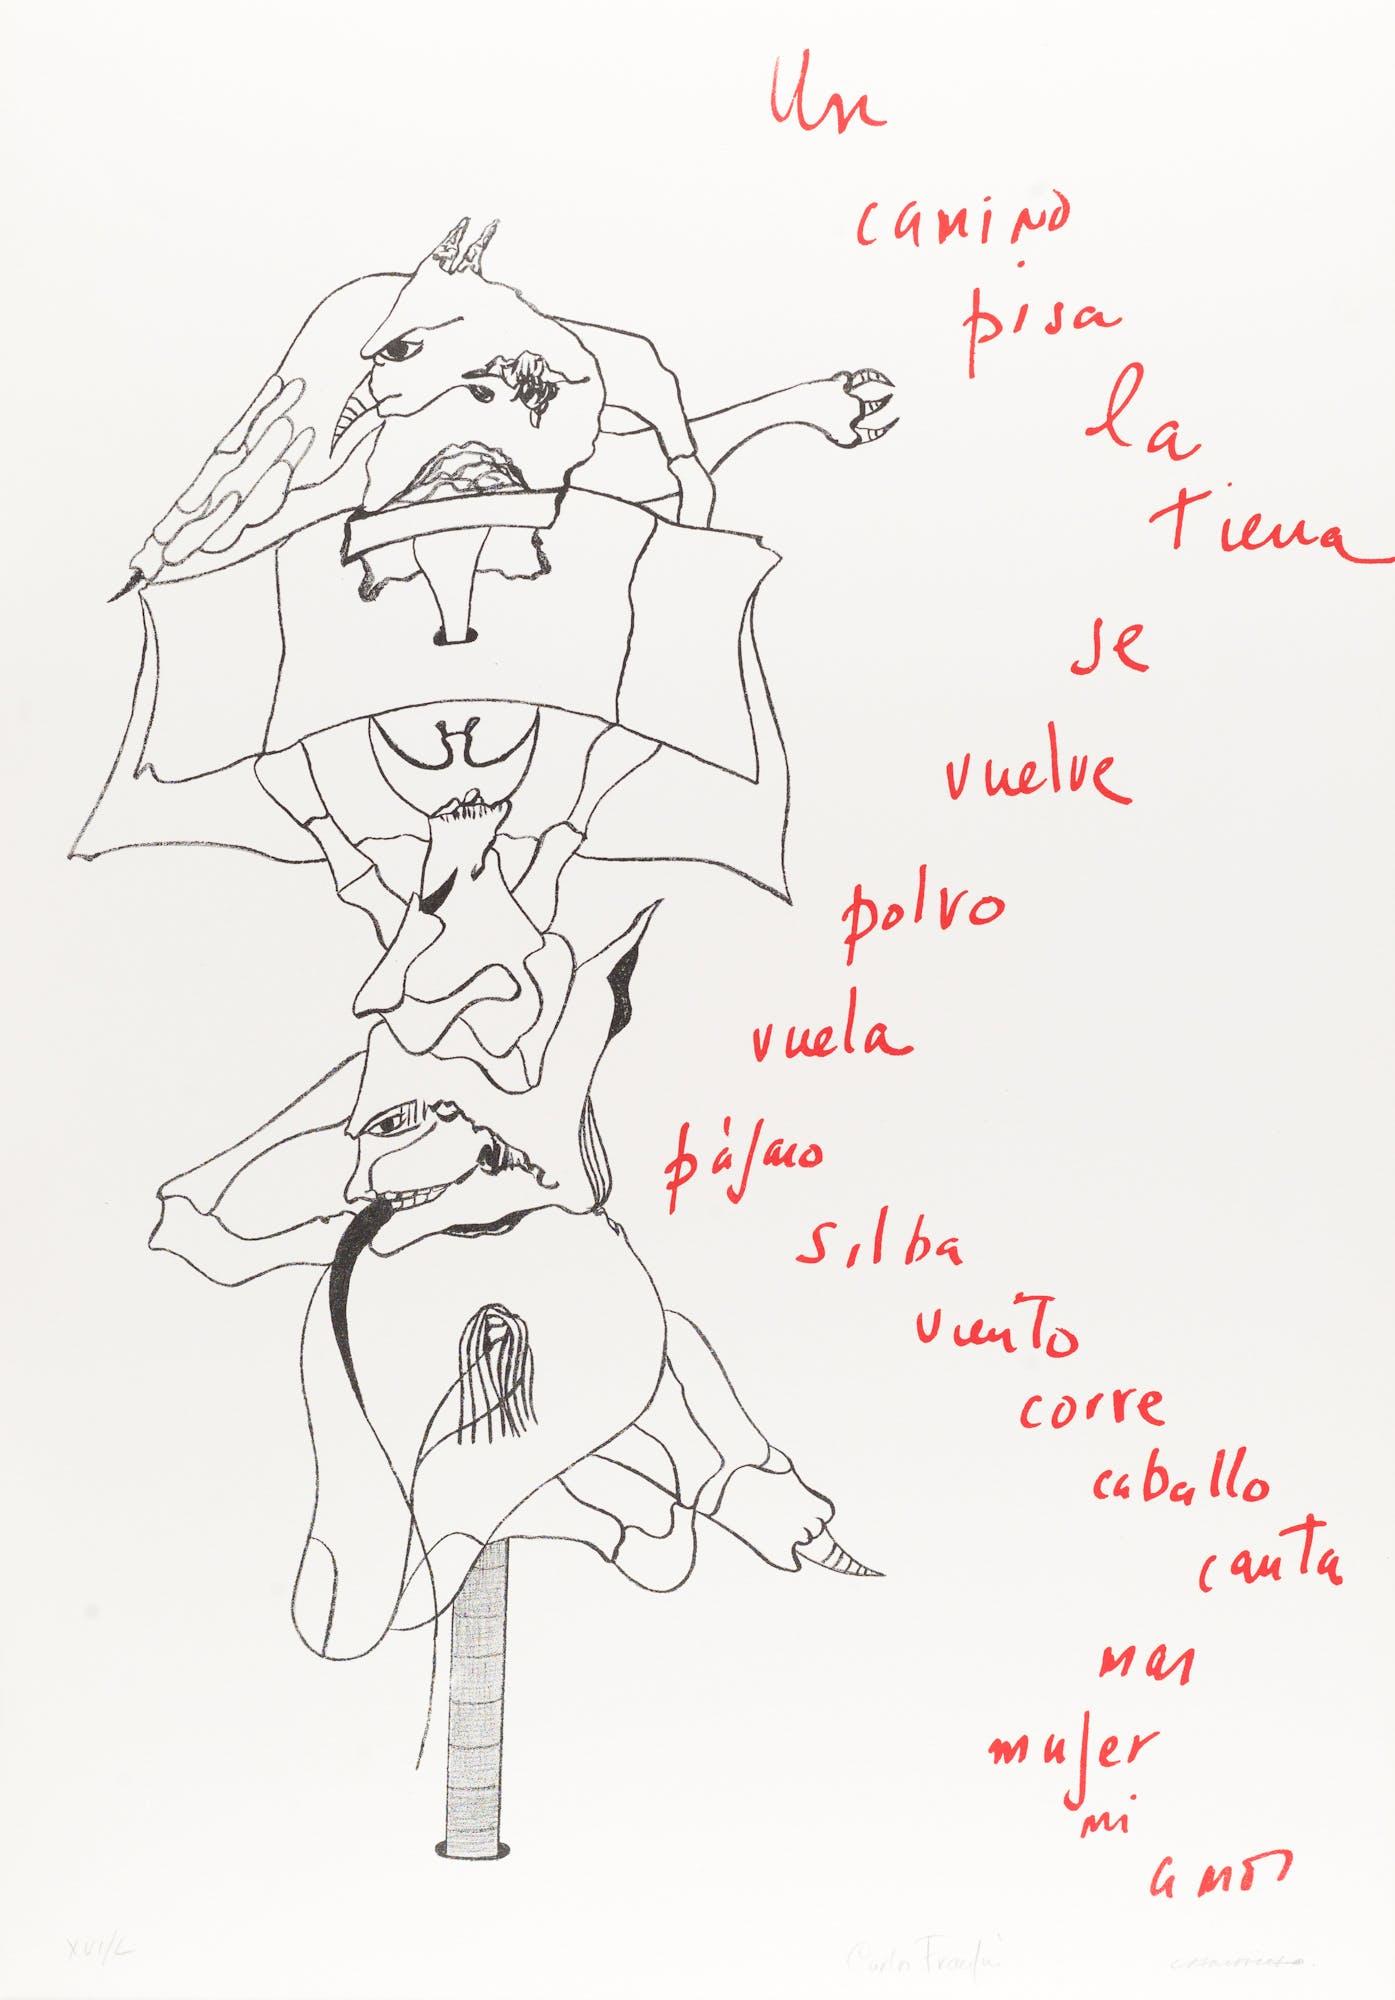 Poemas para mirar